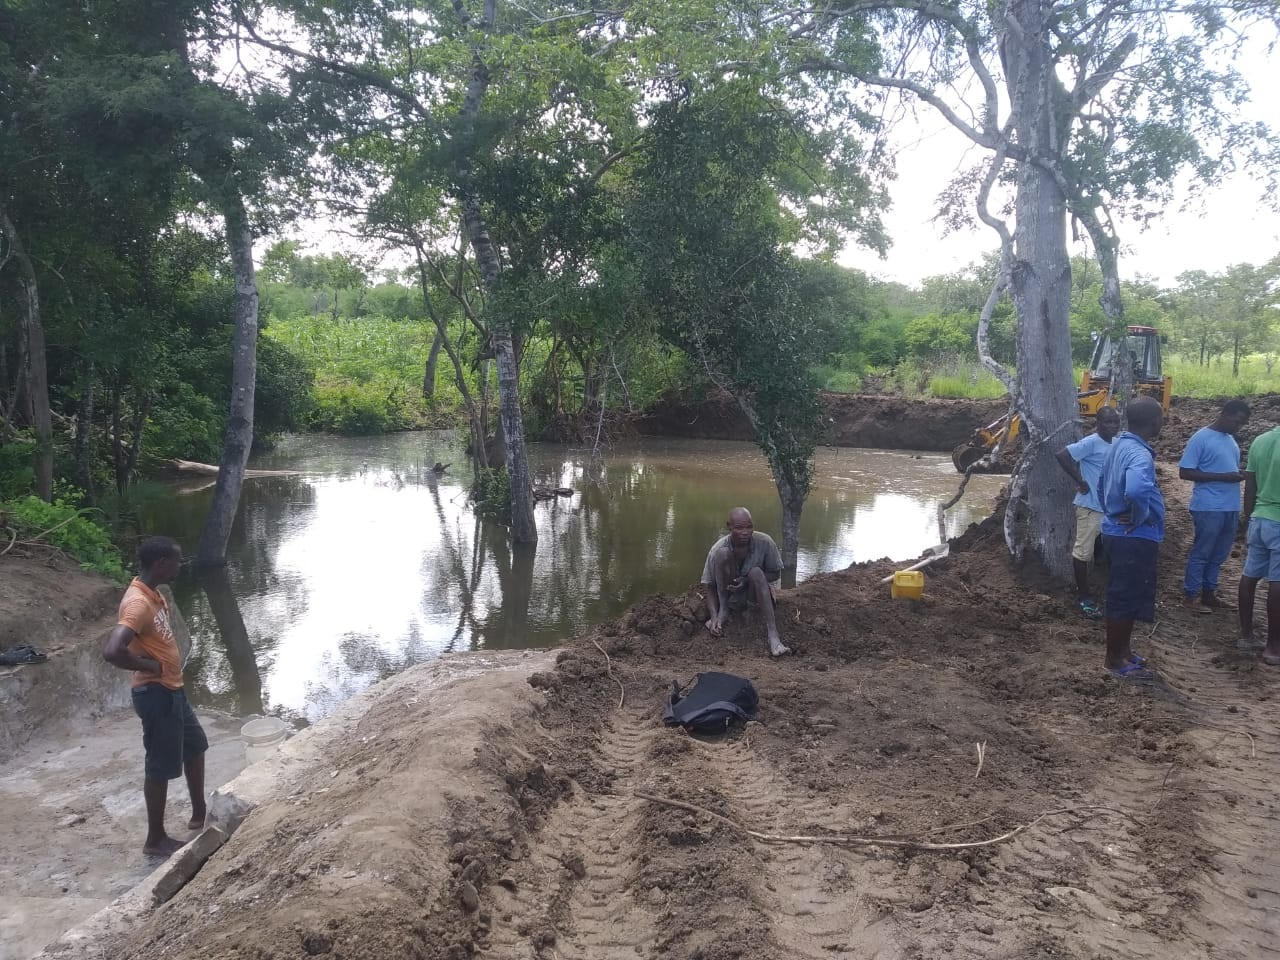 PROMOCIÓN DE UNA AGRICULTURA RESILIENTE AL CAMBIO CLIMÁTICO EN MOZAMBIQUE